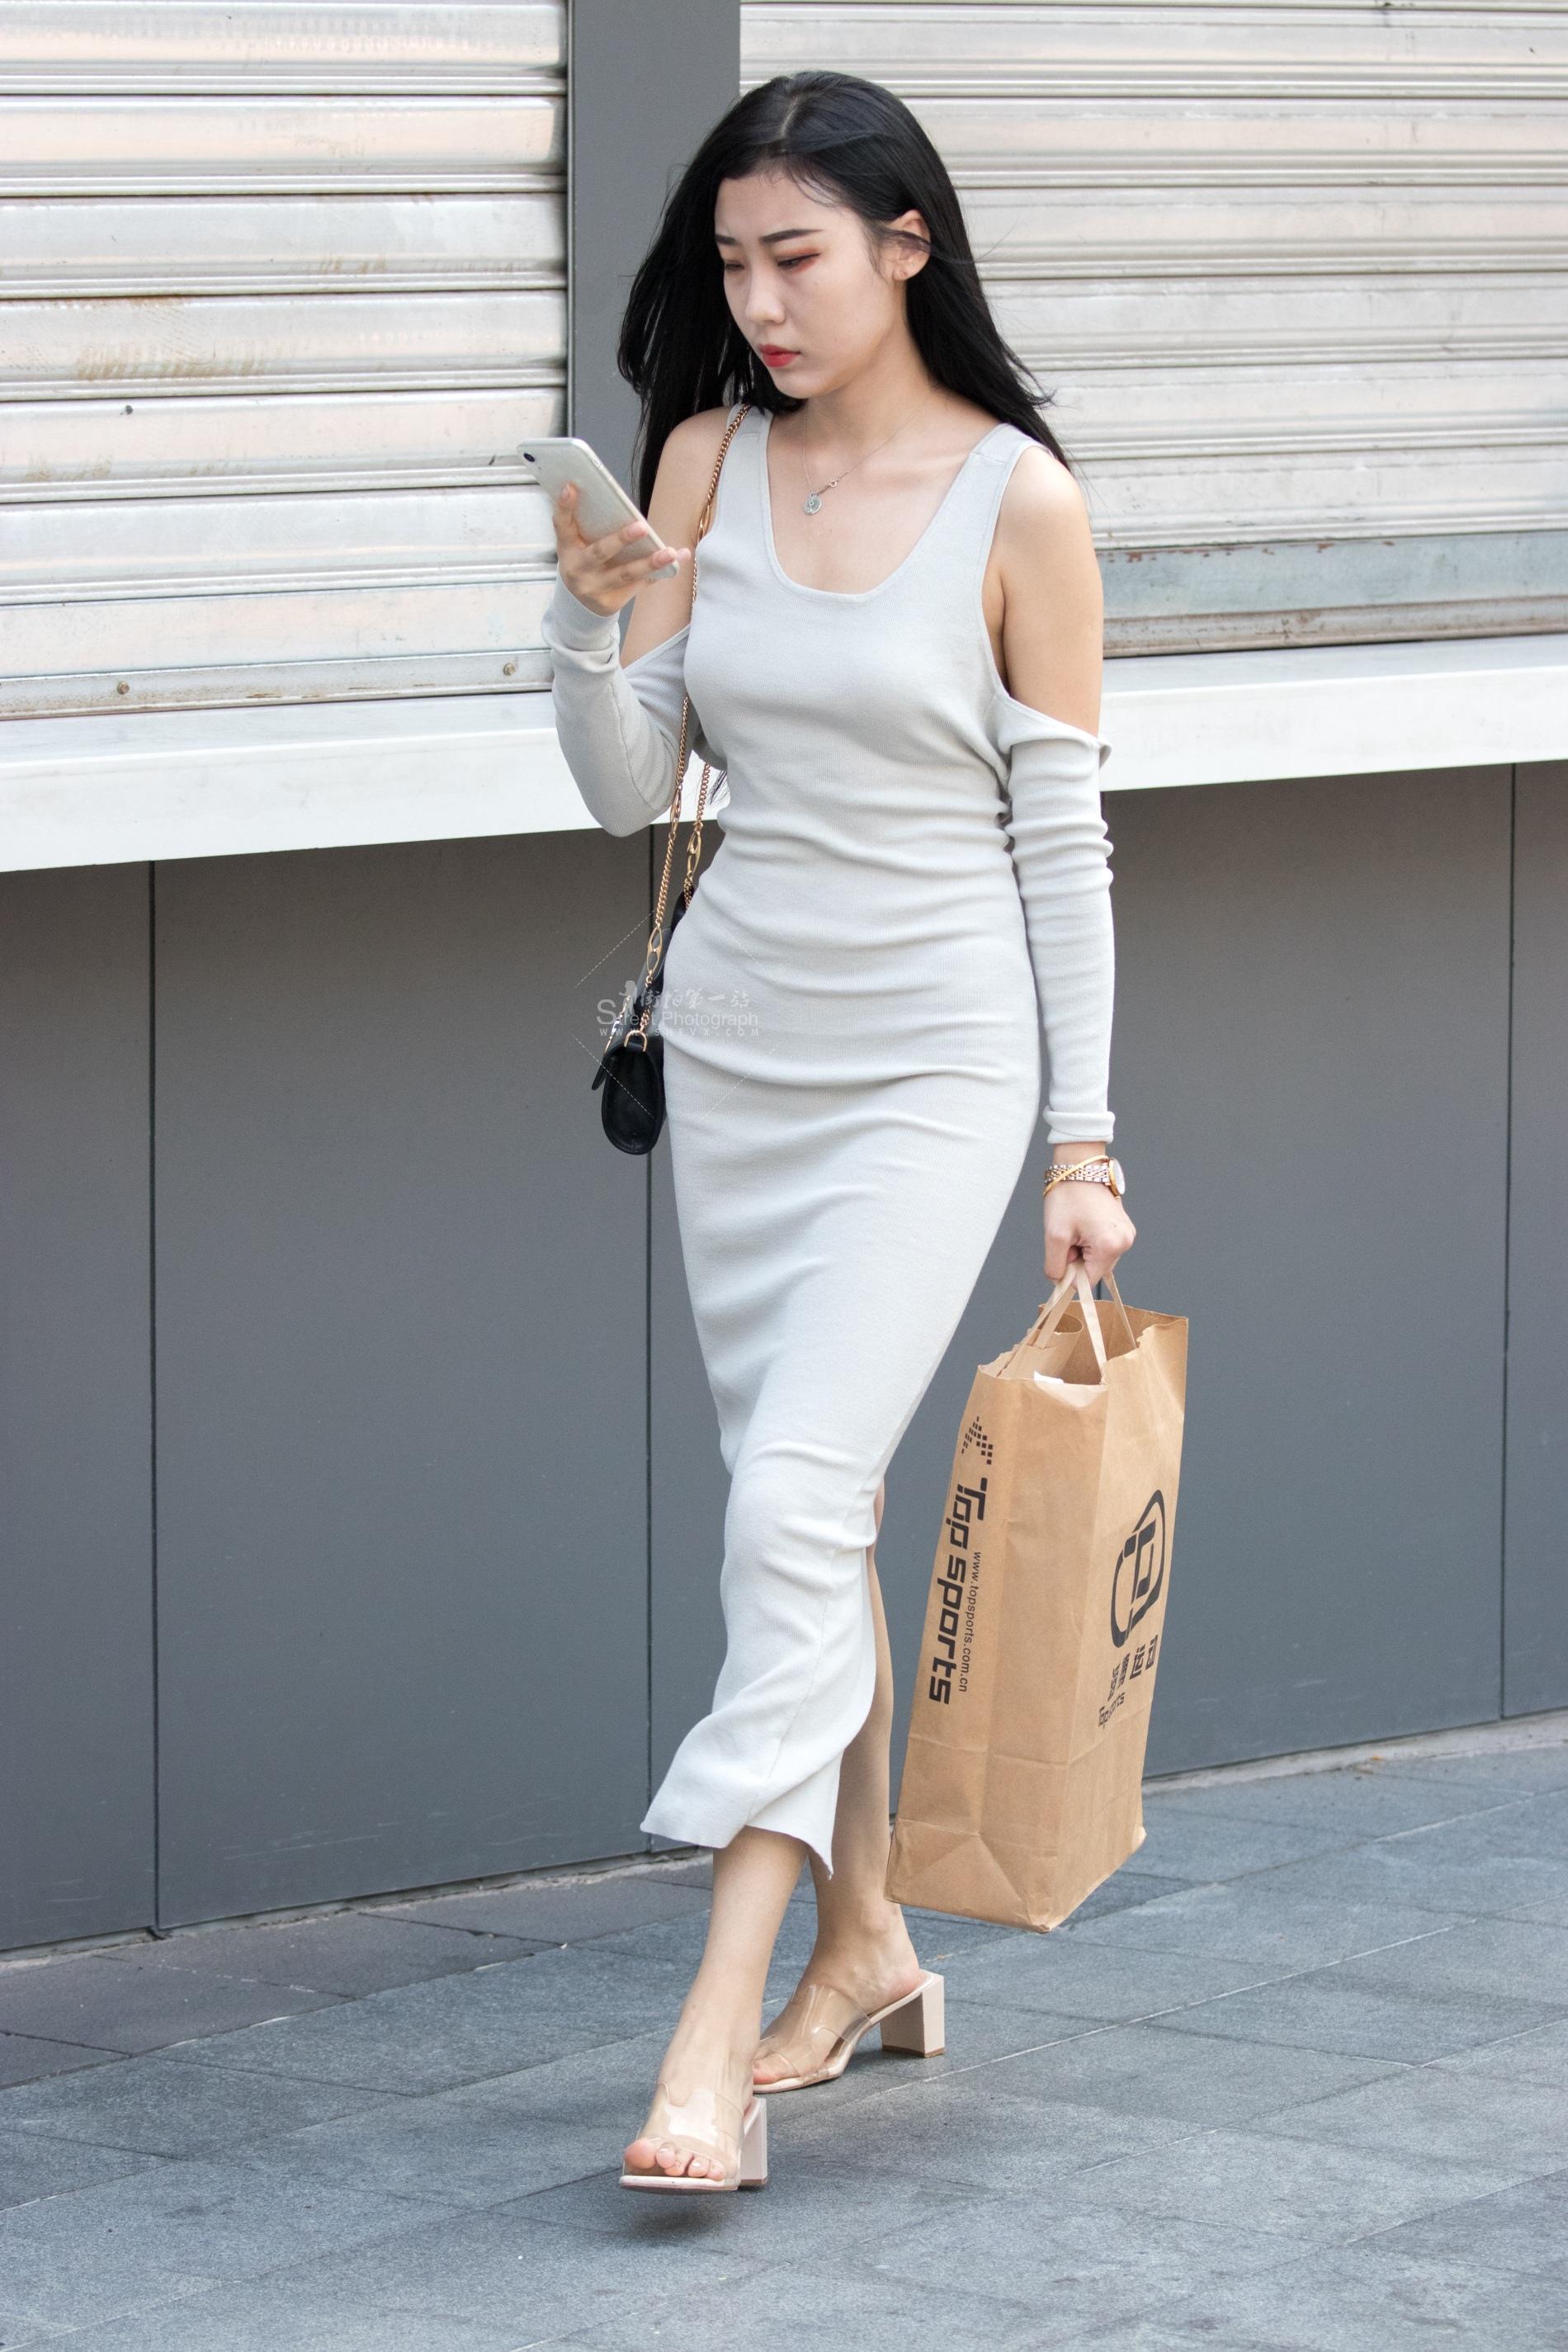 街拍美女 俊风摄影+重庆9月31贴 颜值身材气质一流兴感凉鞋极品 美女 最新街拍丝袜图片 街拍丝袜第一站